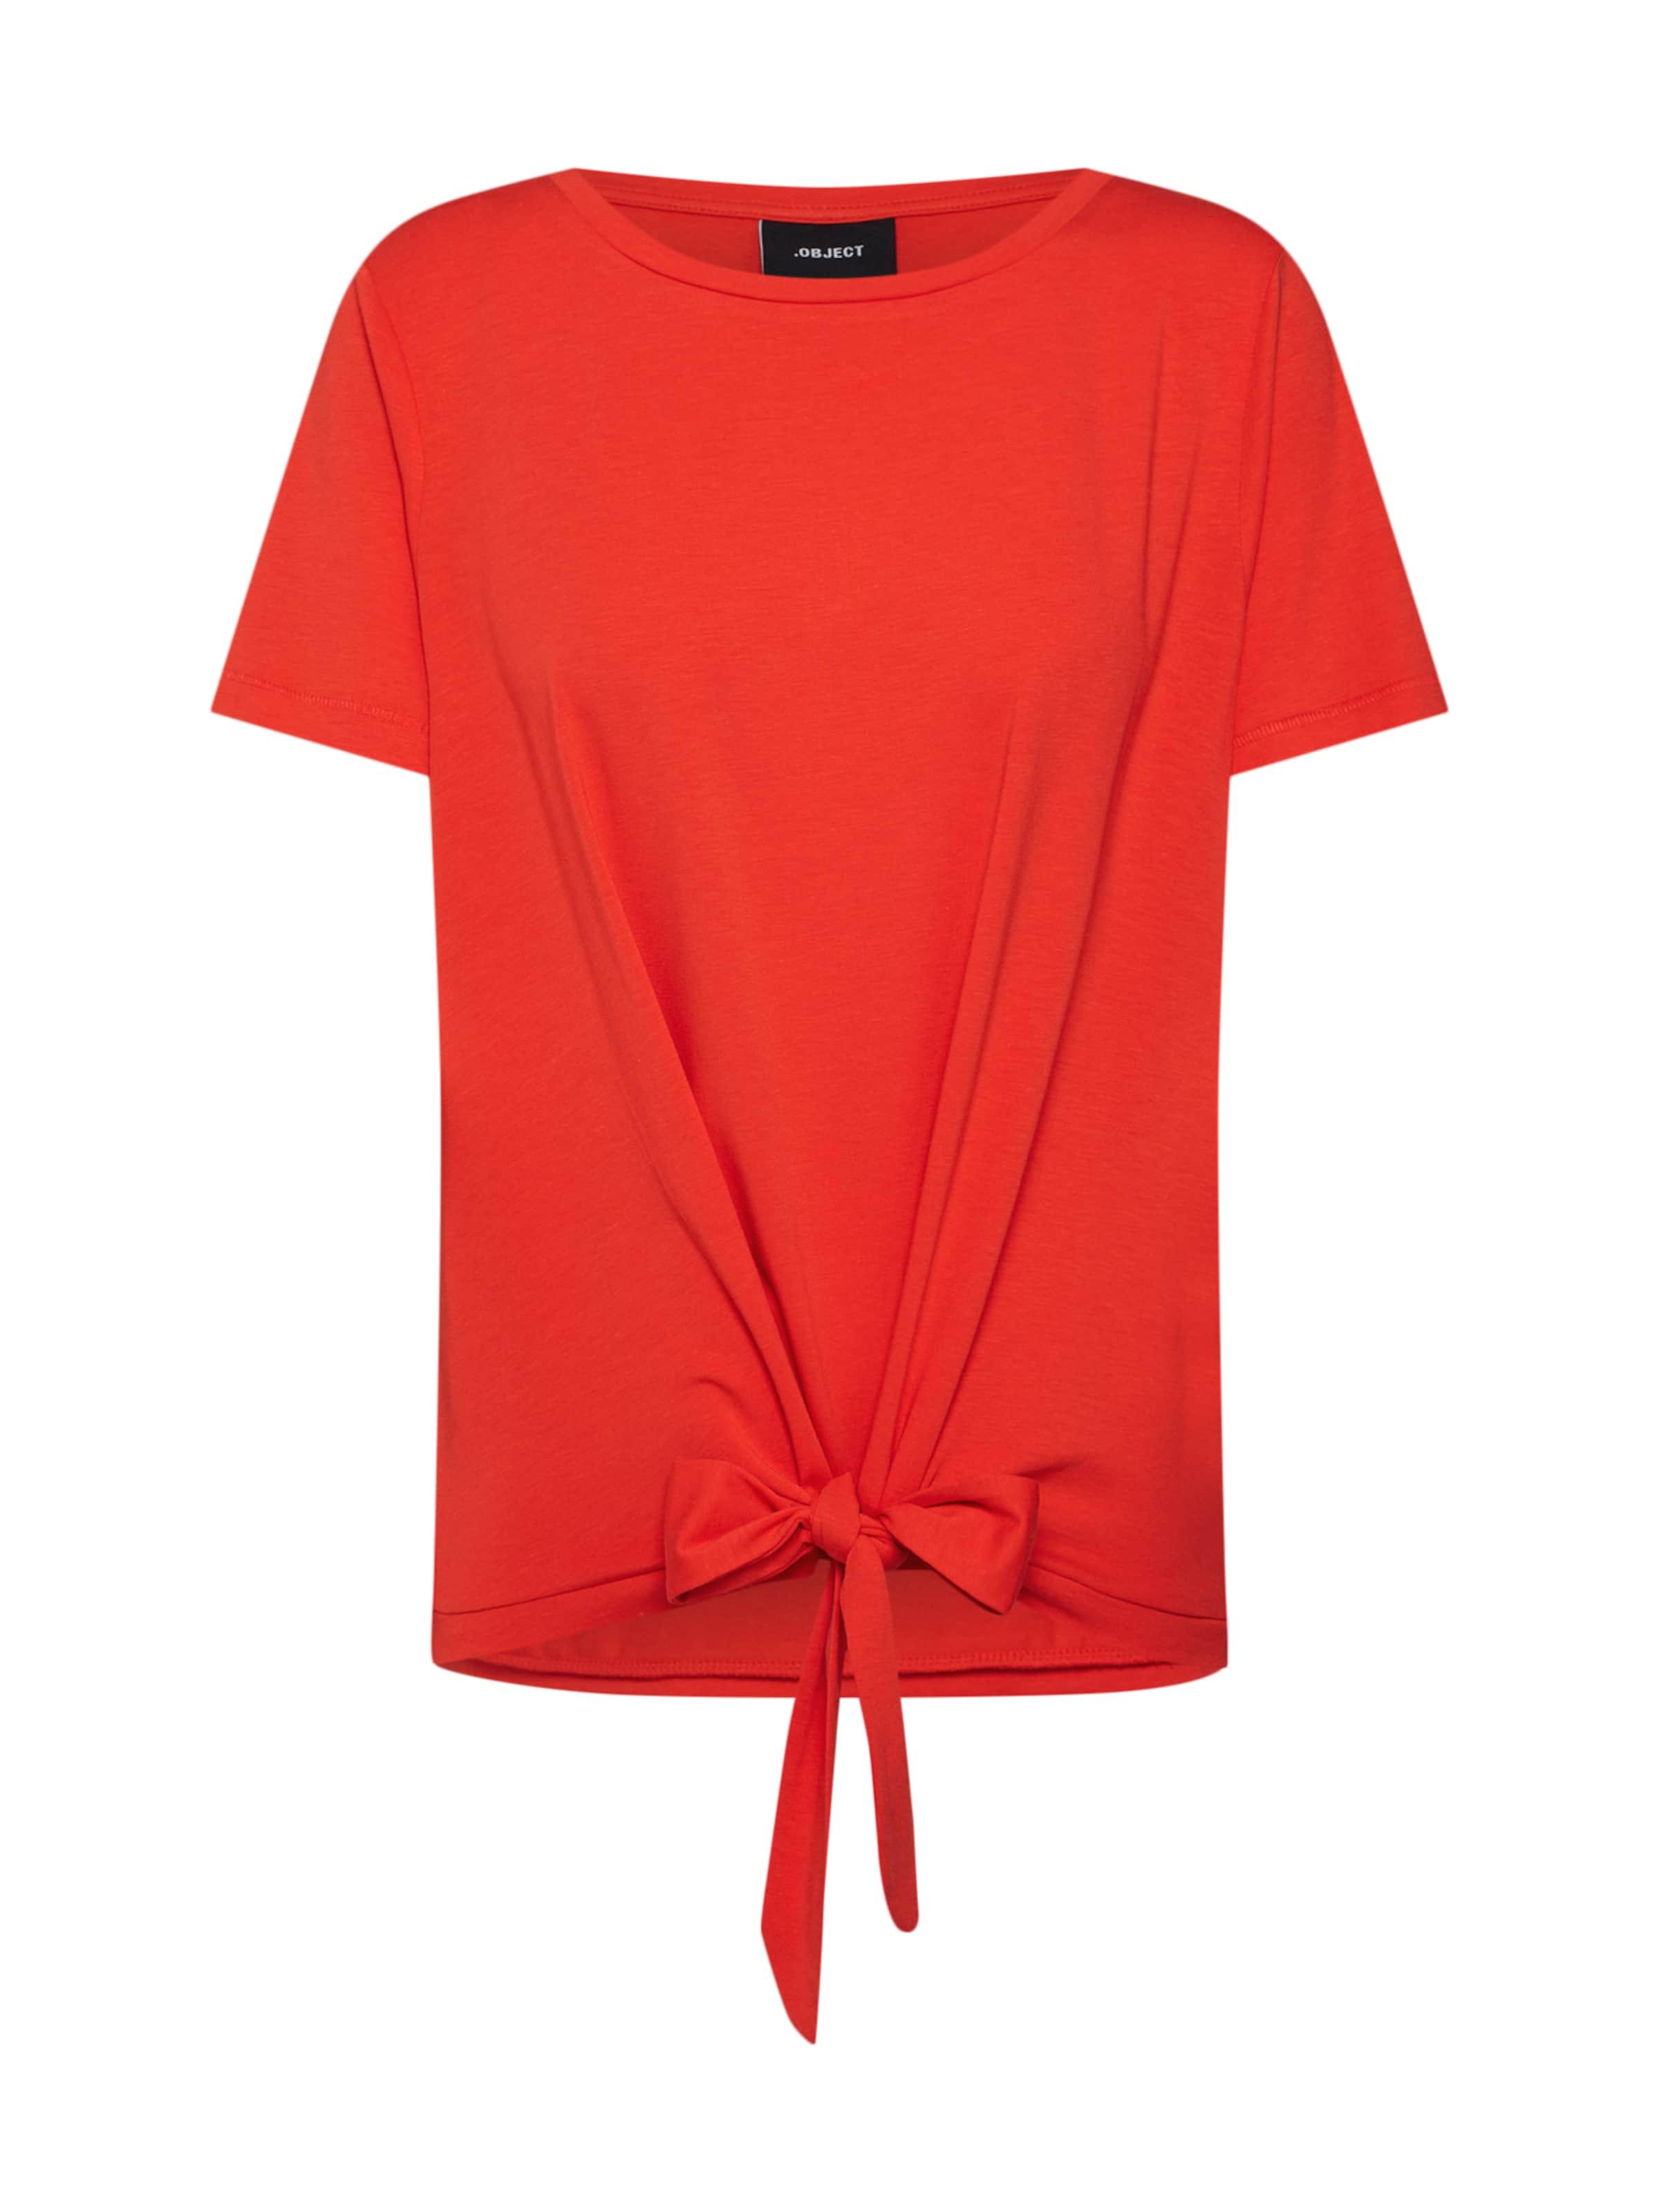 'stephanie' En Object shirt Rose T dCxBWero